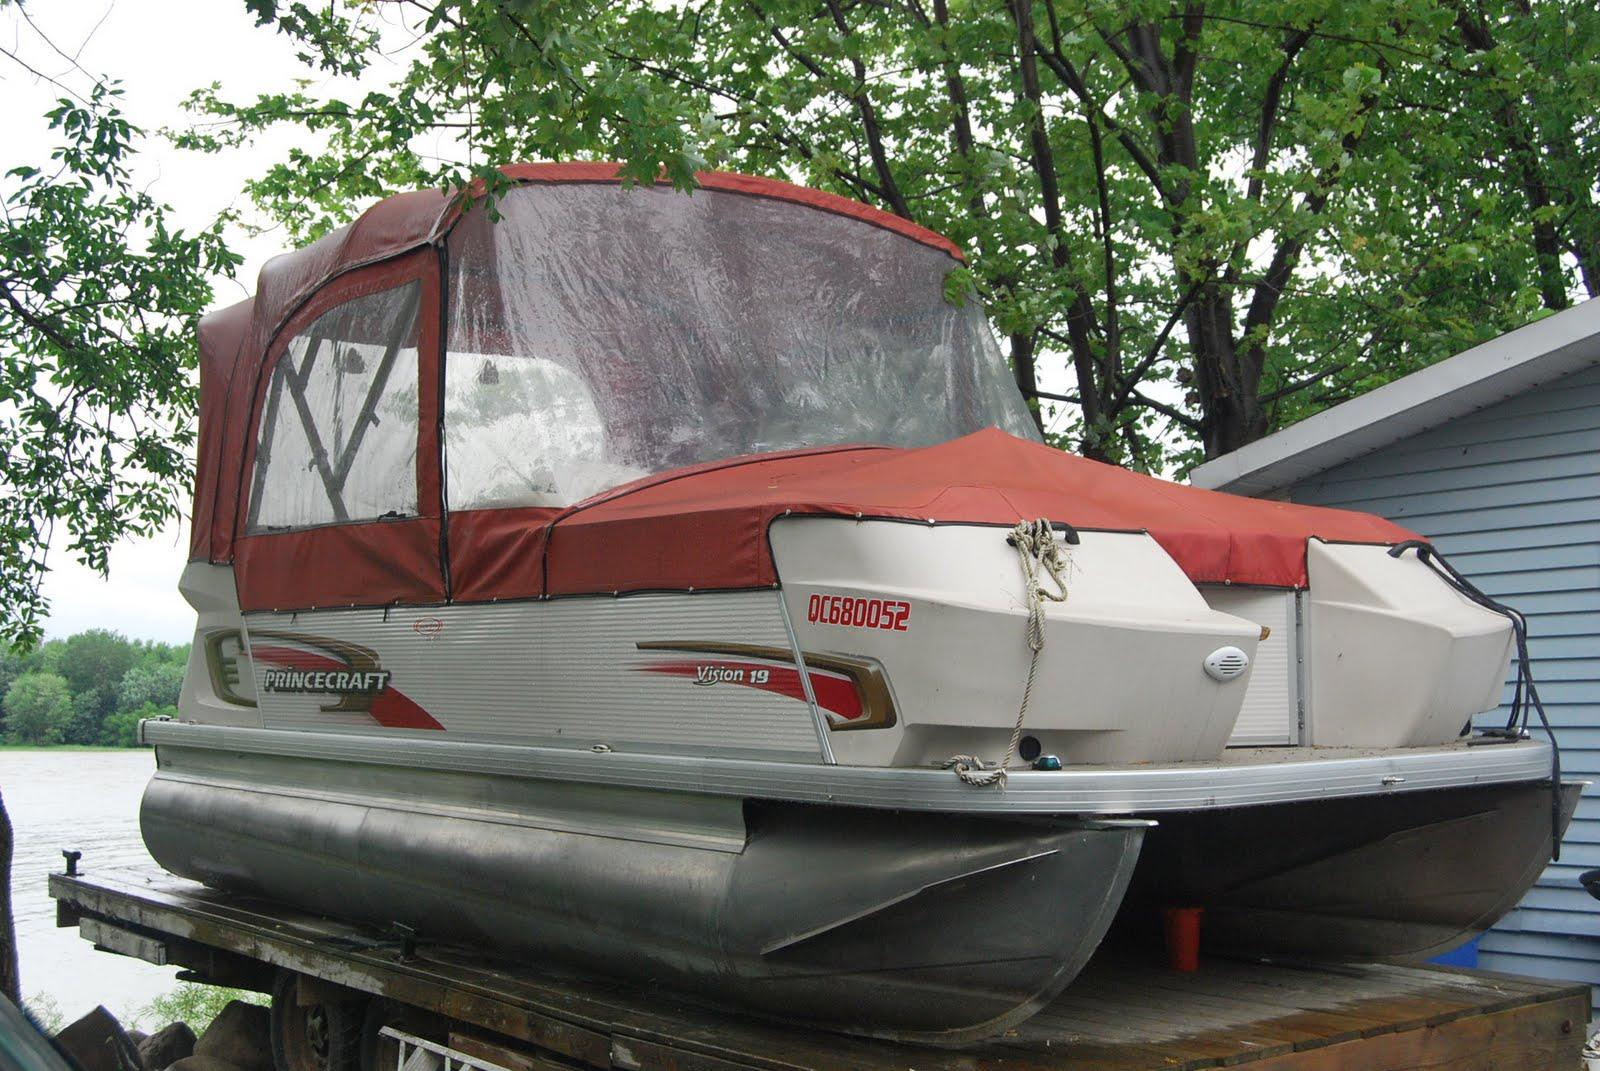 bateau du qu bec vendre ponton princecraft vision 19. Black Bedroom Furniture Sets. Home Design Ideas